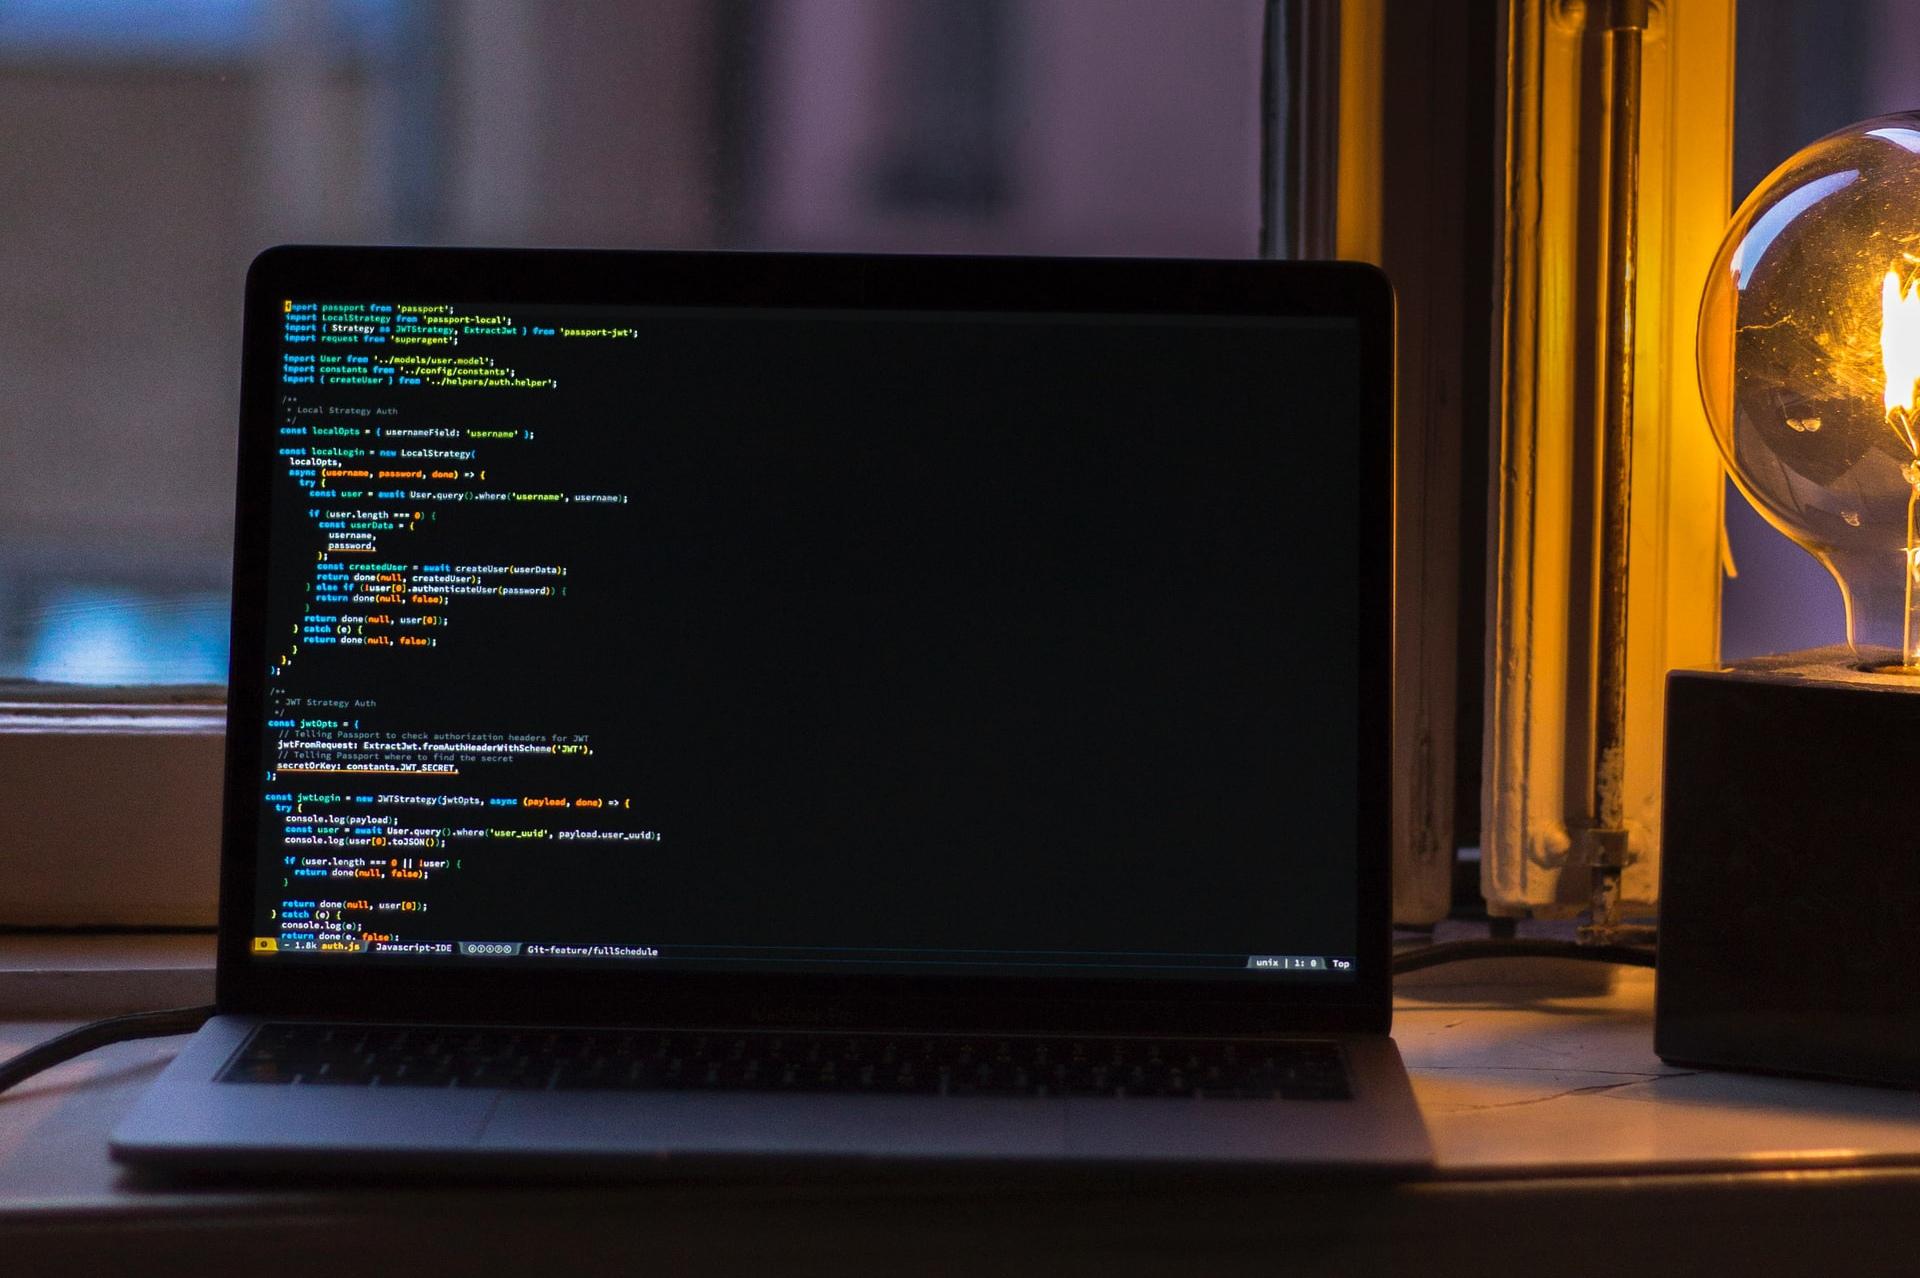 JavaScriptで変数内に特定の文字列が含まれるかどうかを調べる方法